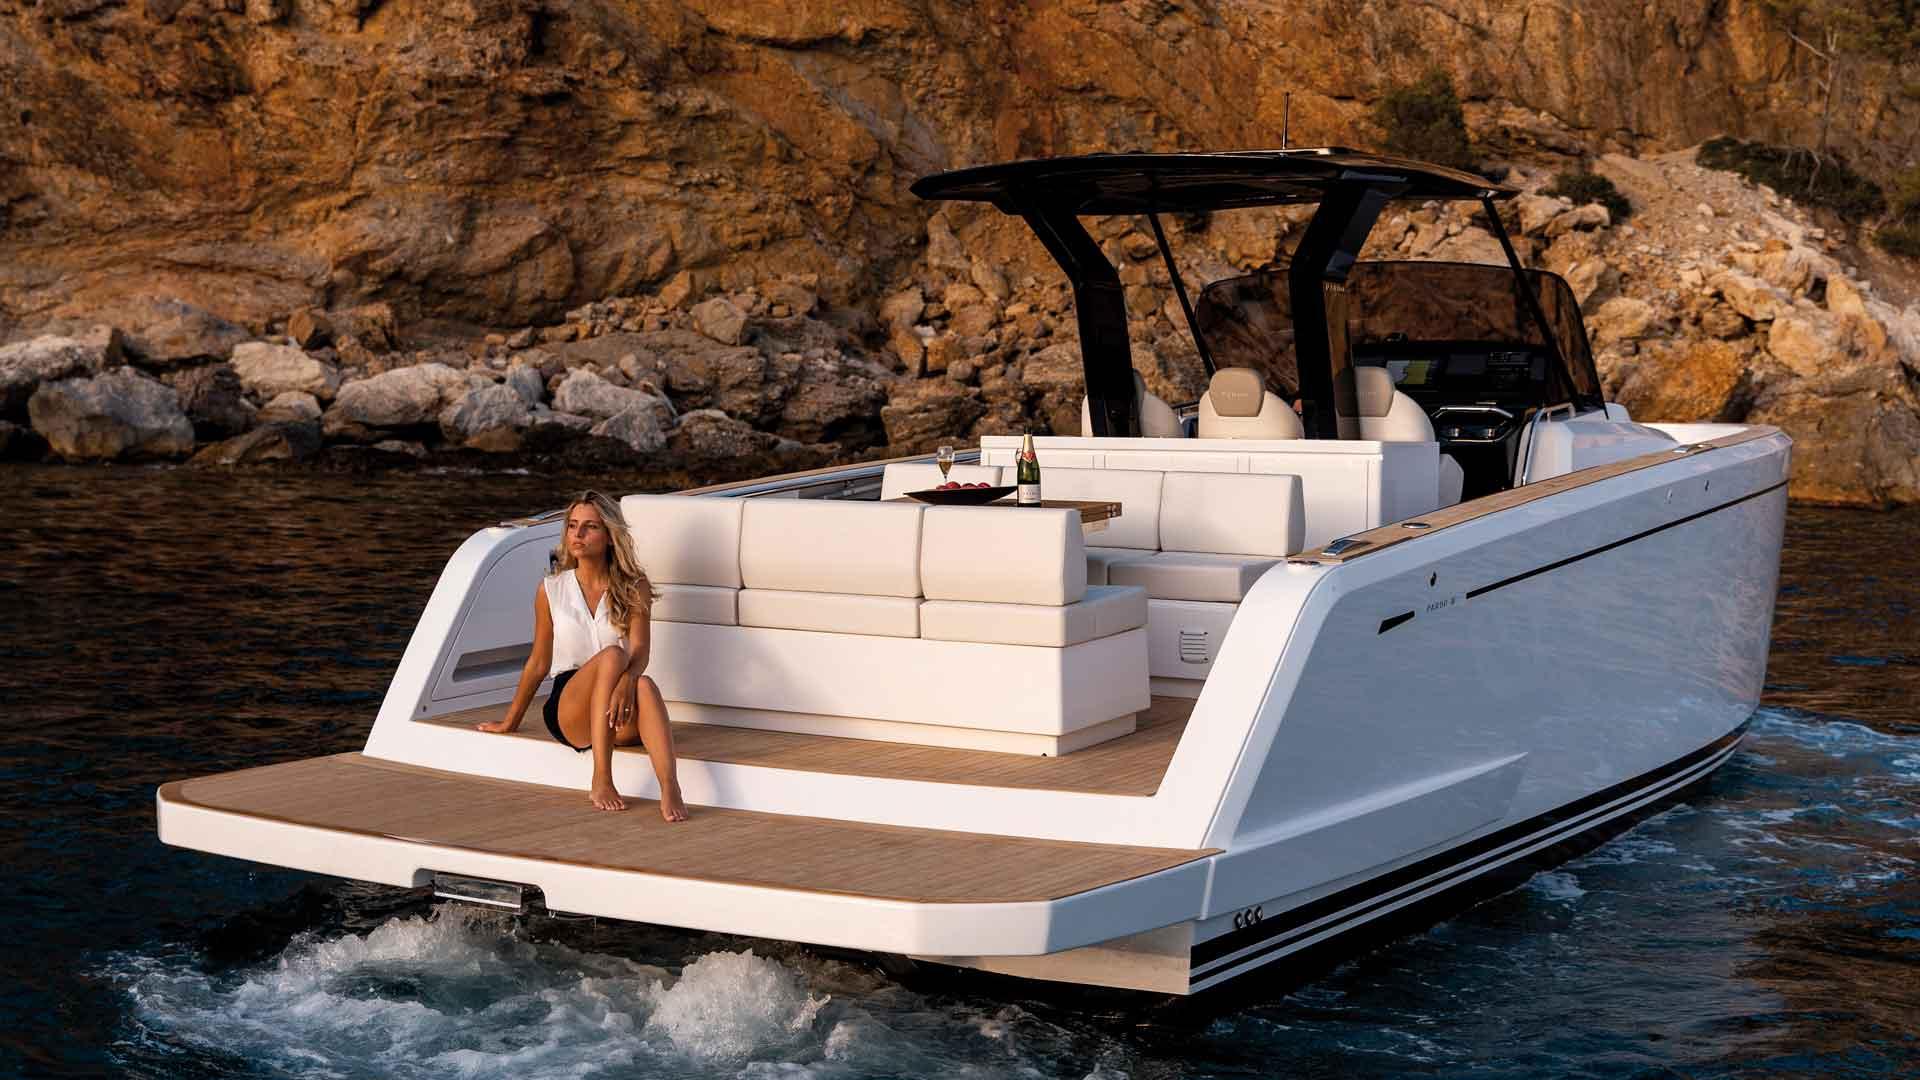 Los yates Pardo Yachts llegan al Caribe mexicano